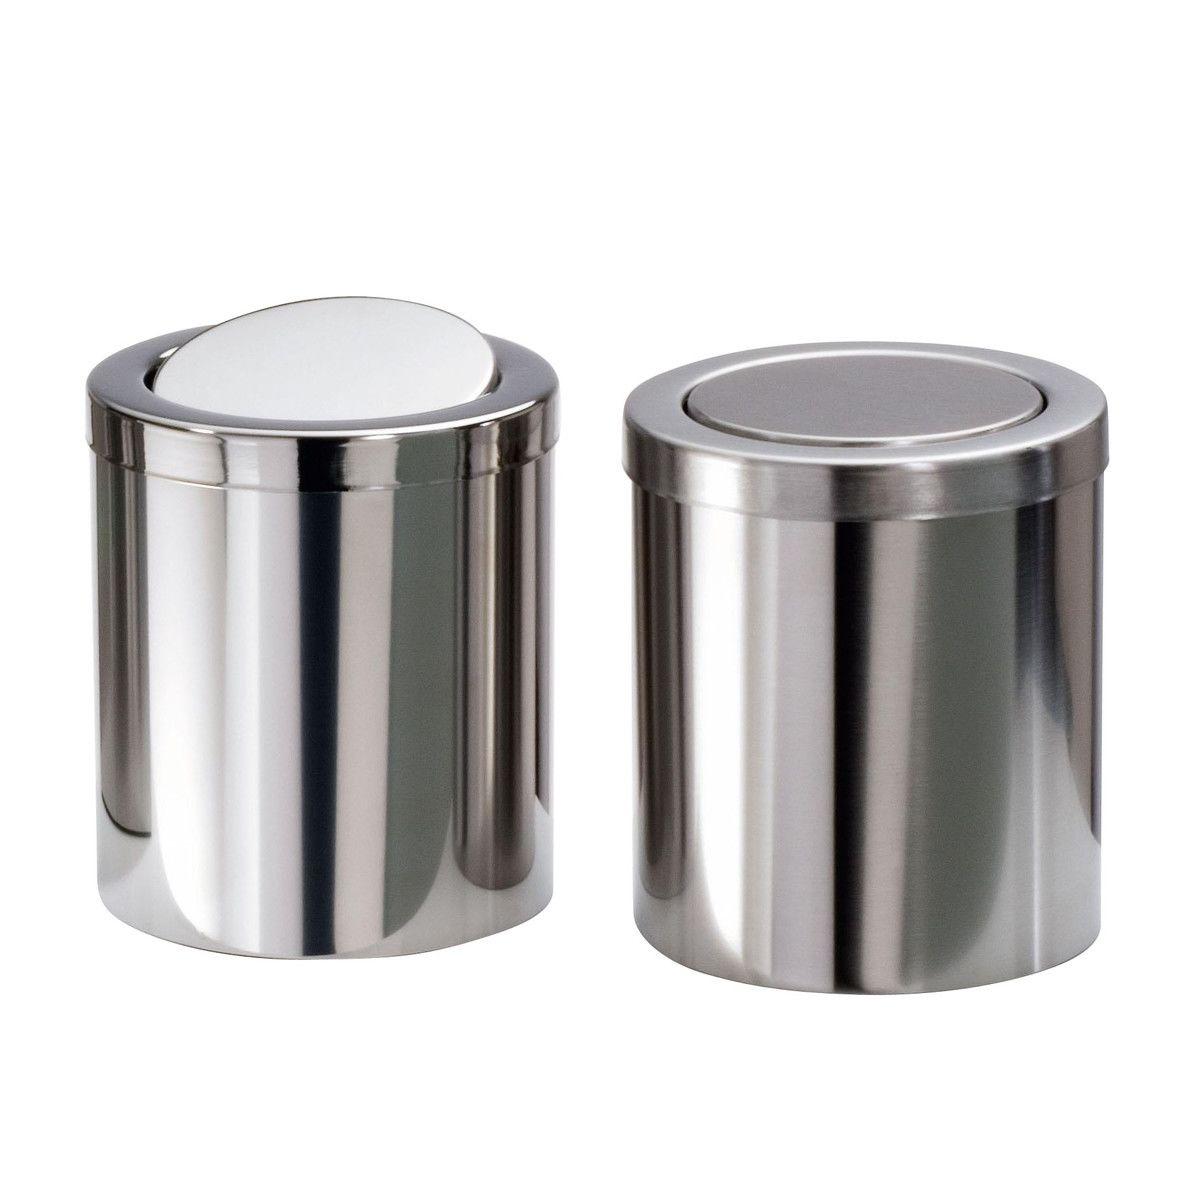 Dw 1240 poubelle de table decor walther - Poubelle de table design ...